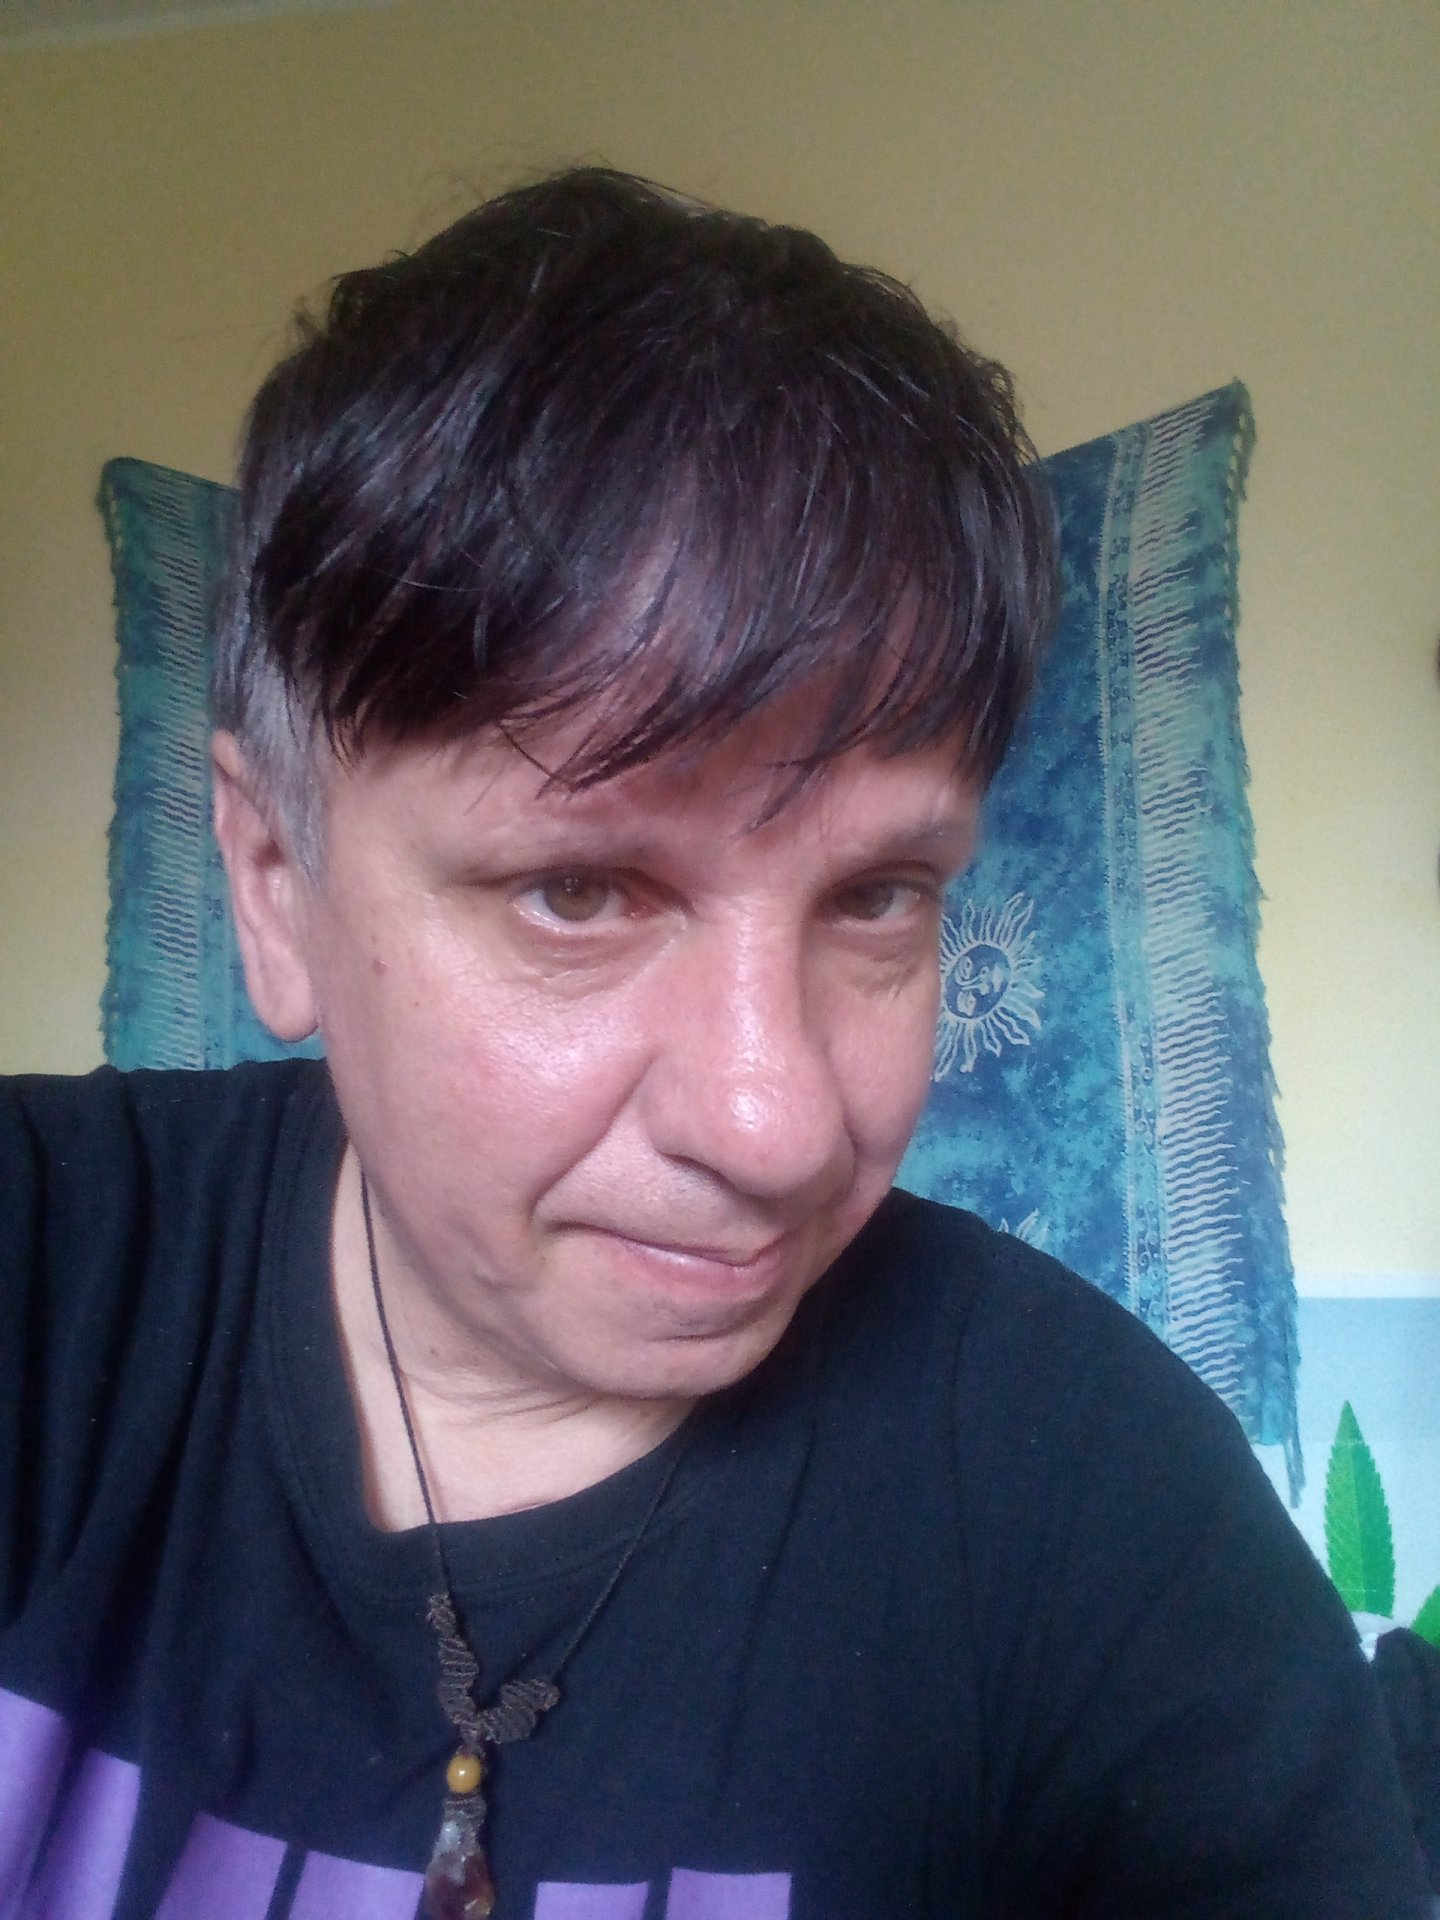 Keith68  aus Sachsen,Deutschland